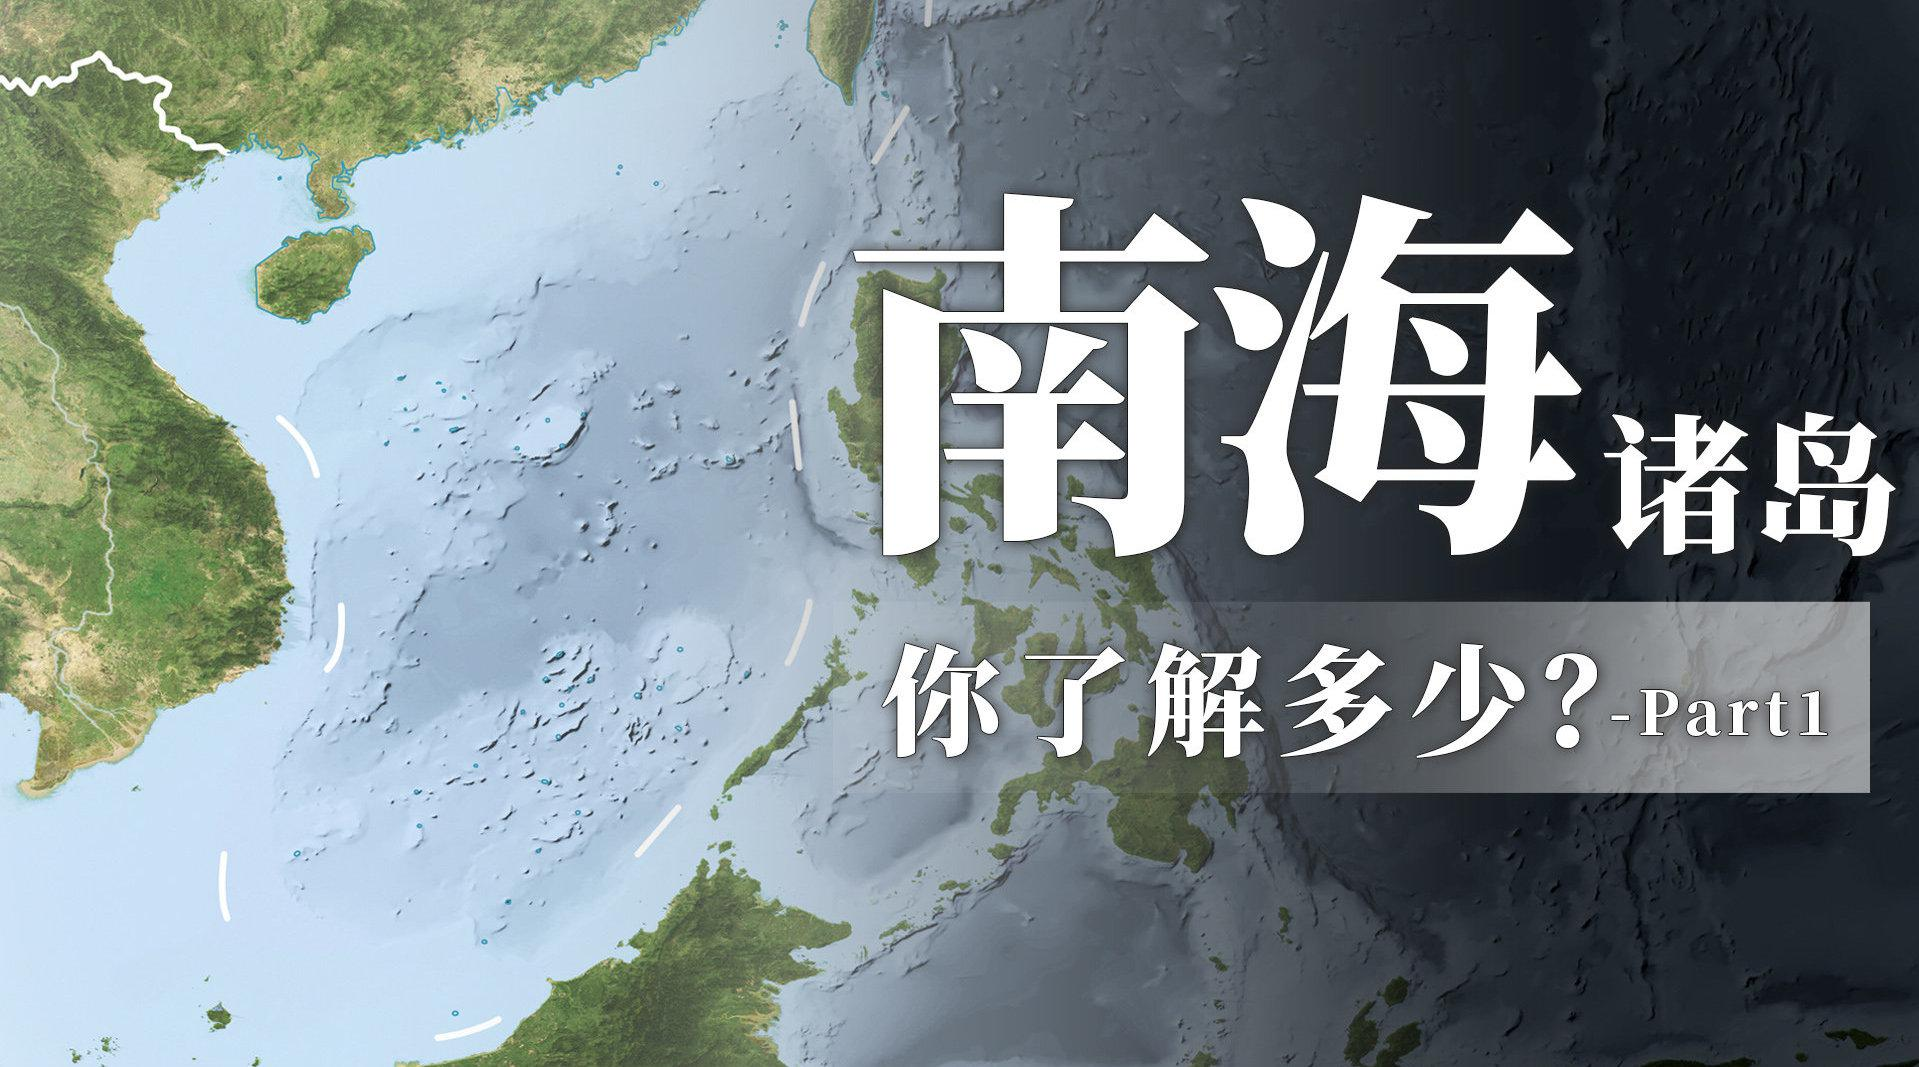 自古以来就是中国不可分割的一部分。对于南海诸岛……